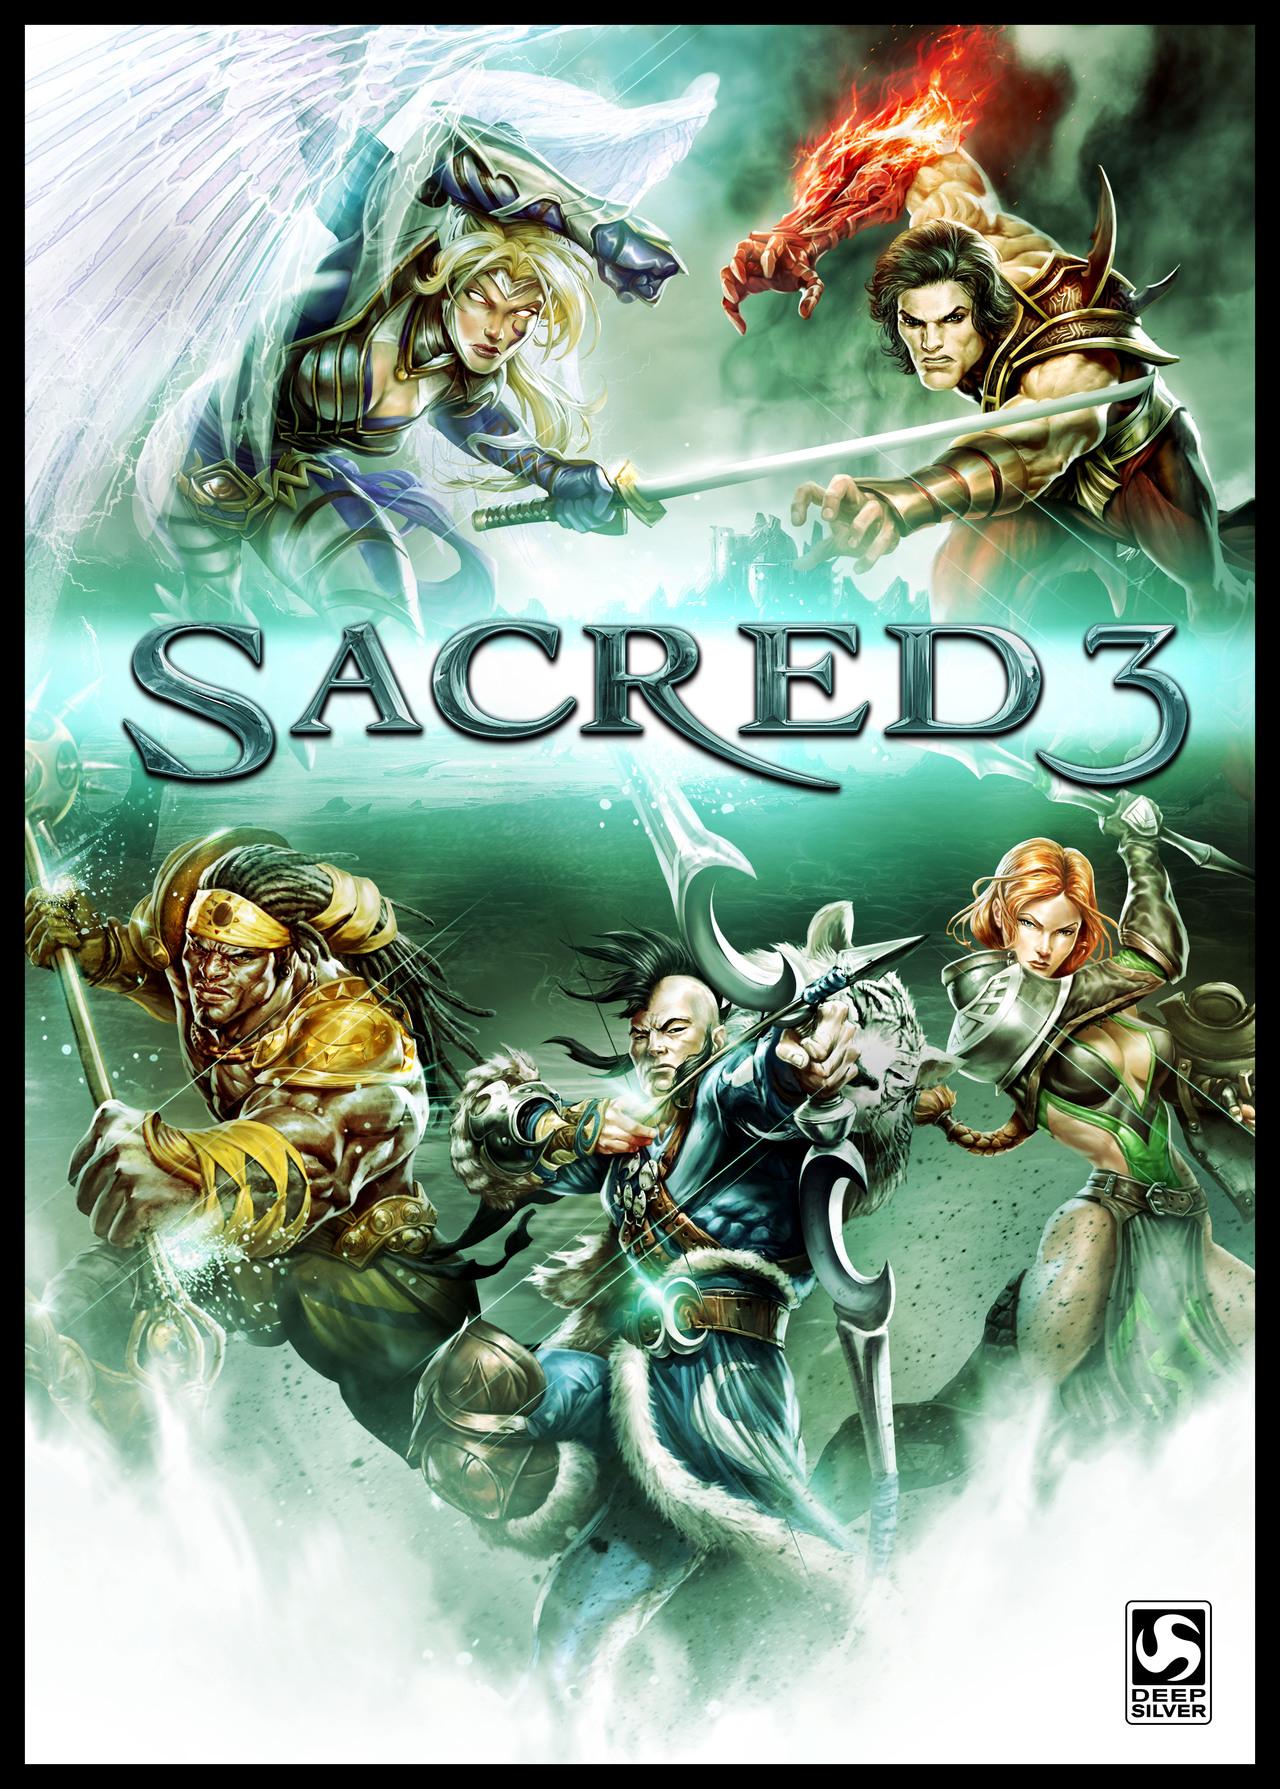 sacred-3-pc-1392840606-014.jpg